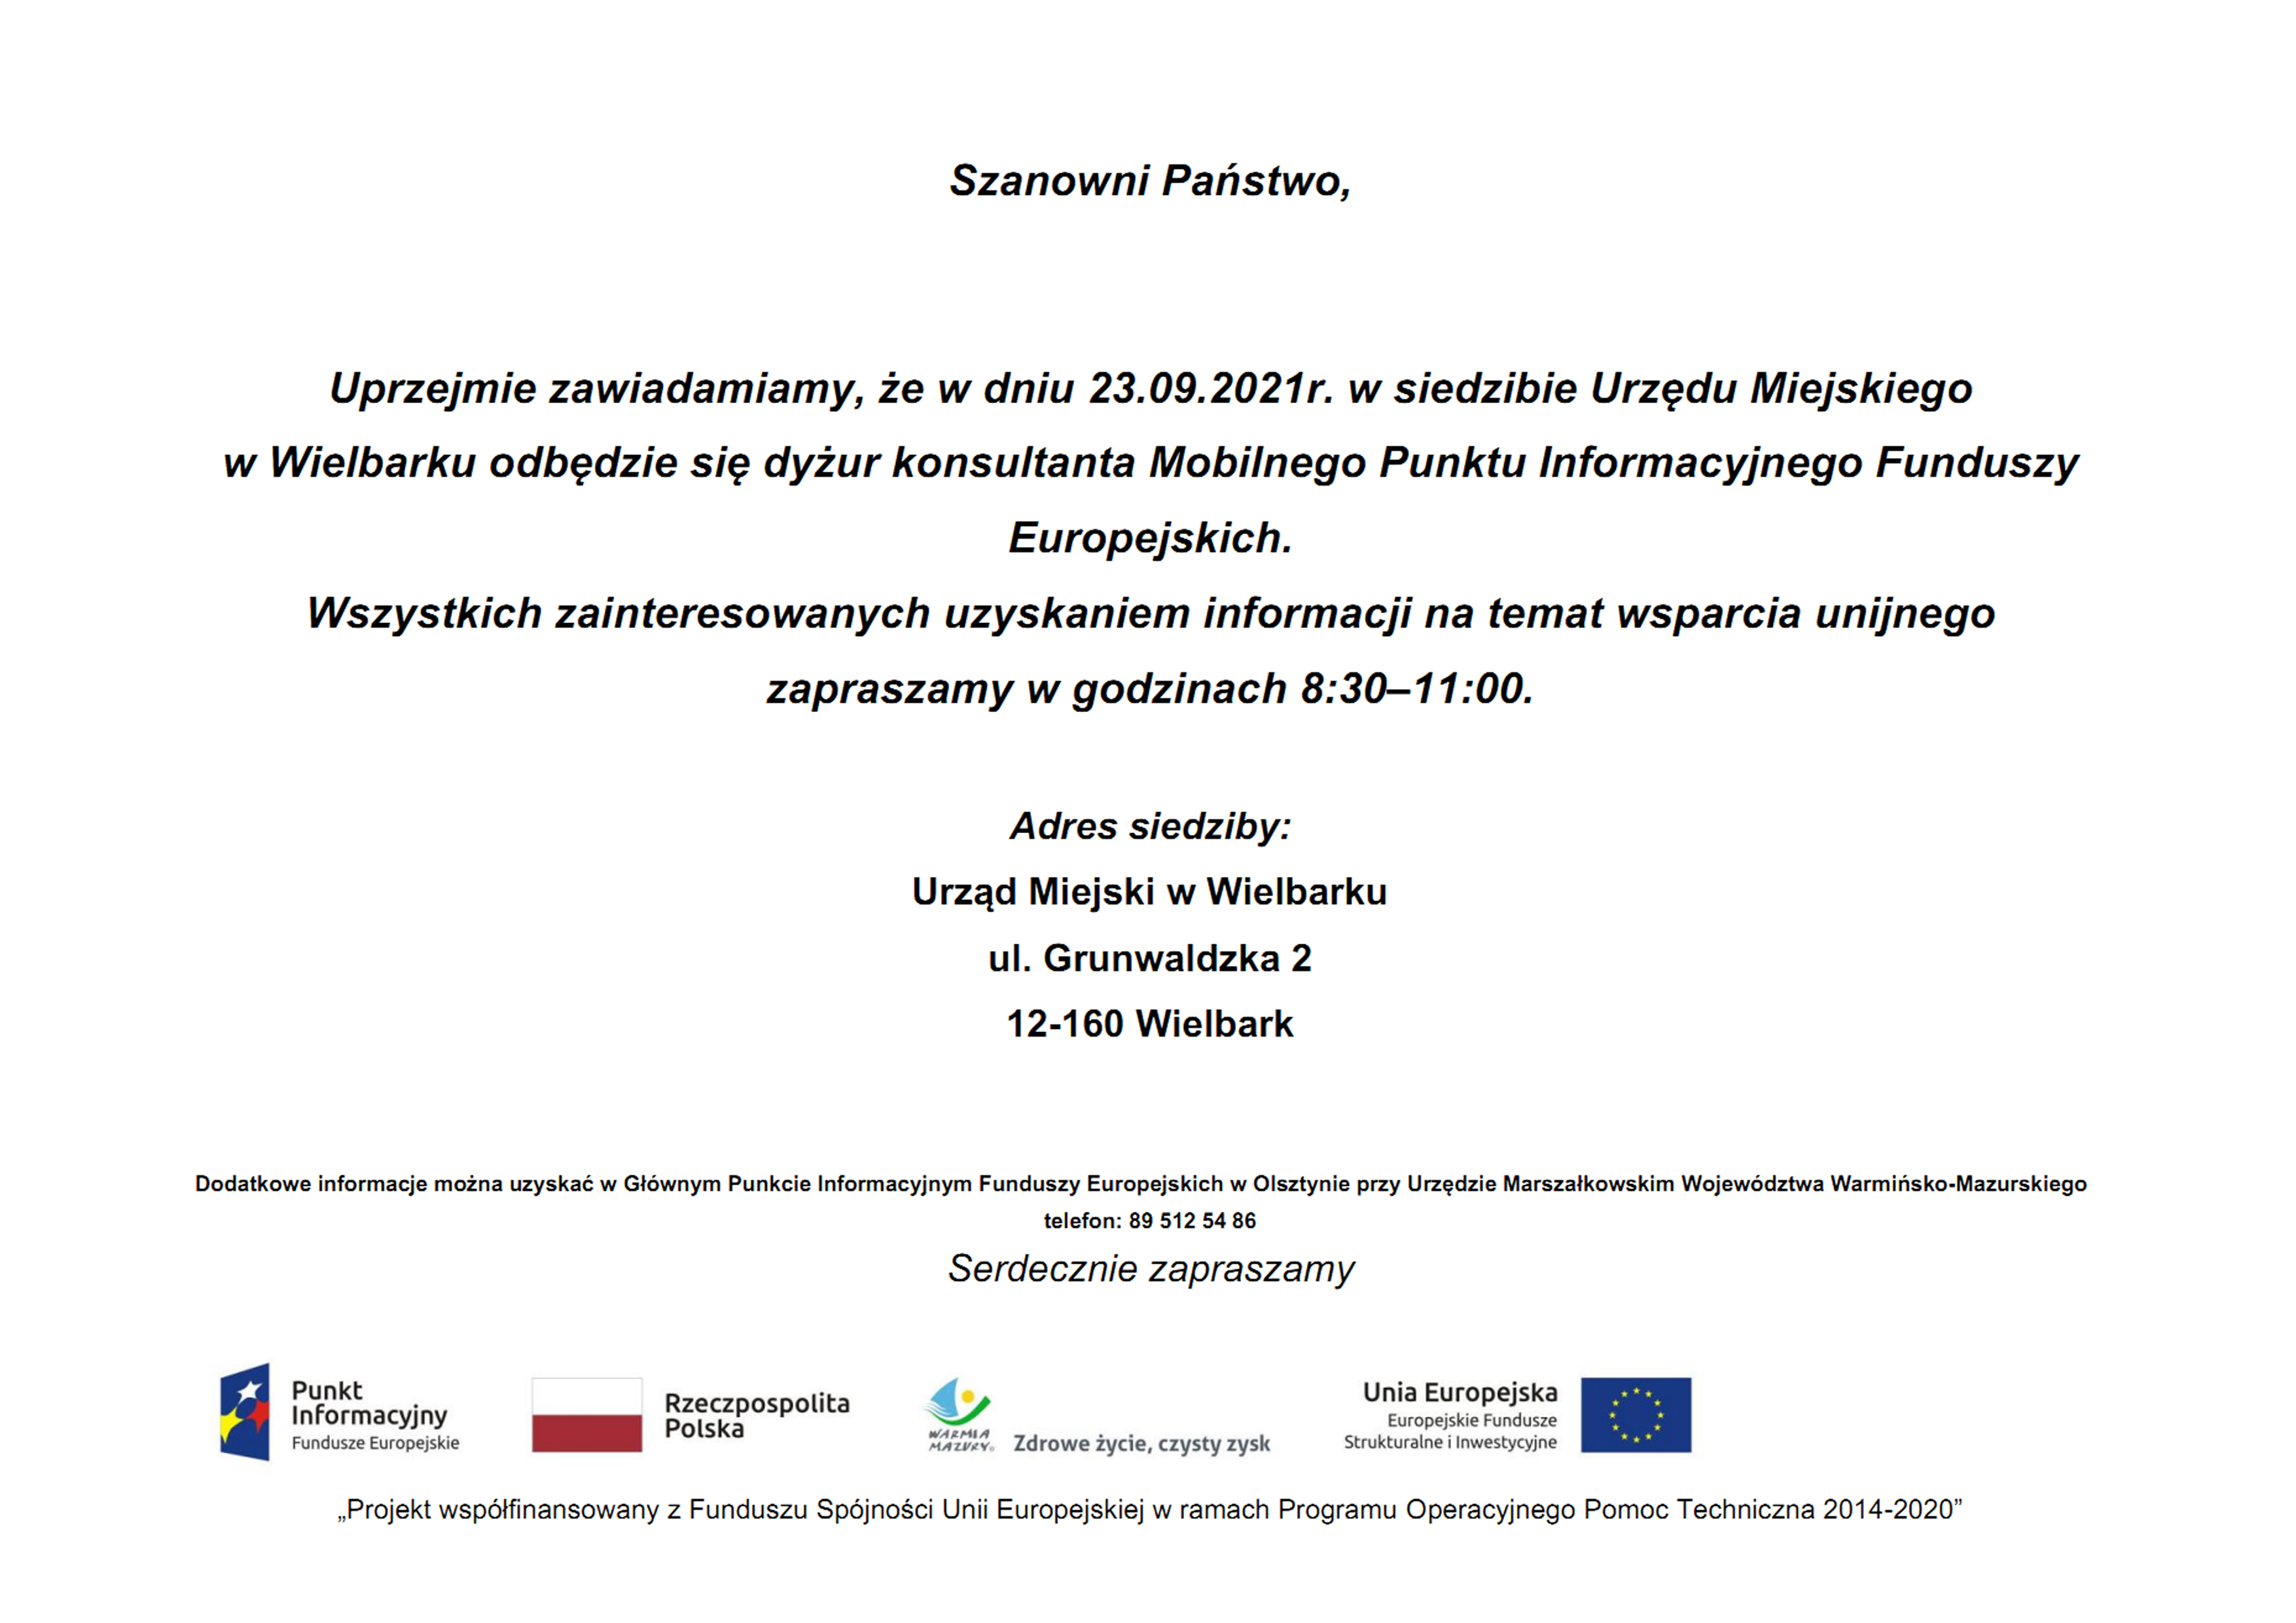 https://m.powiatszczycienski.pl/2021/09/orig/mobilny-punk-informacyjny-funduszy-europejskich-23-09-2021-42987.jpg